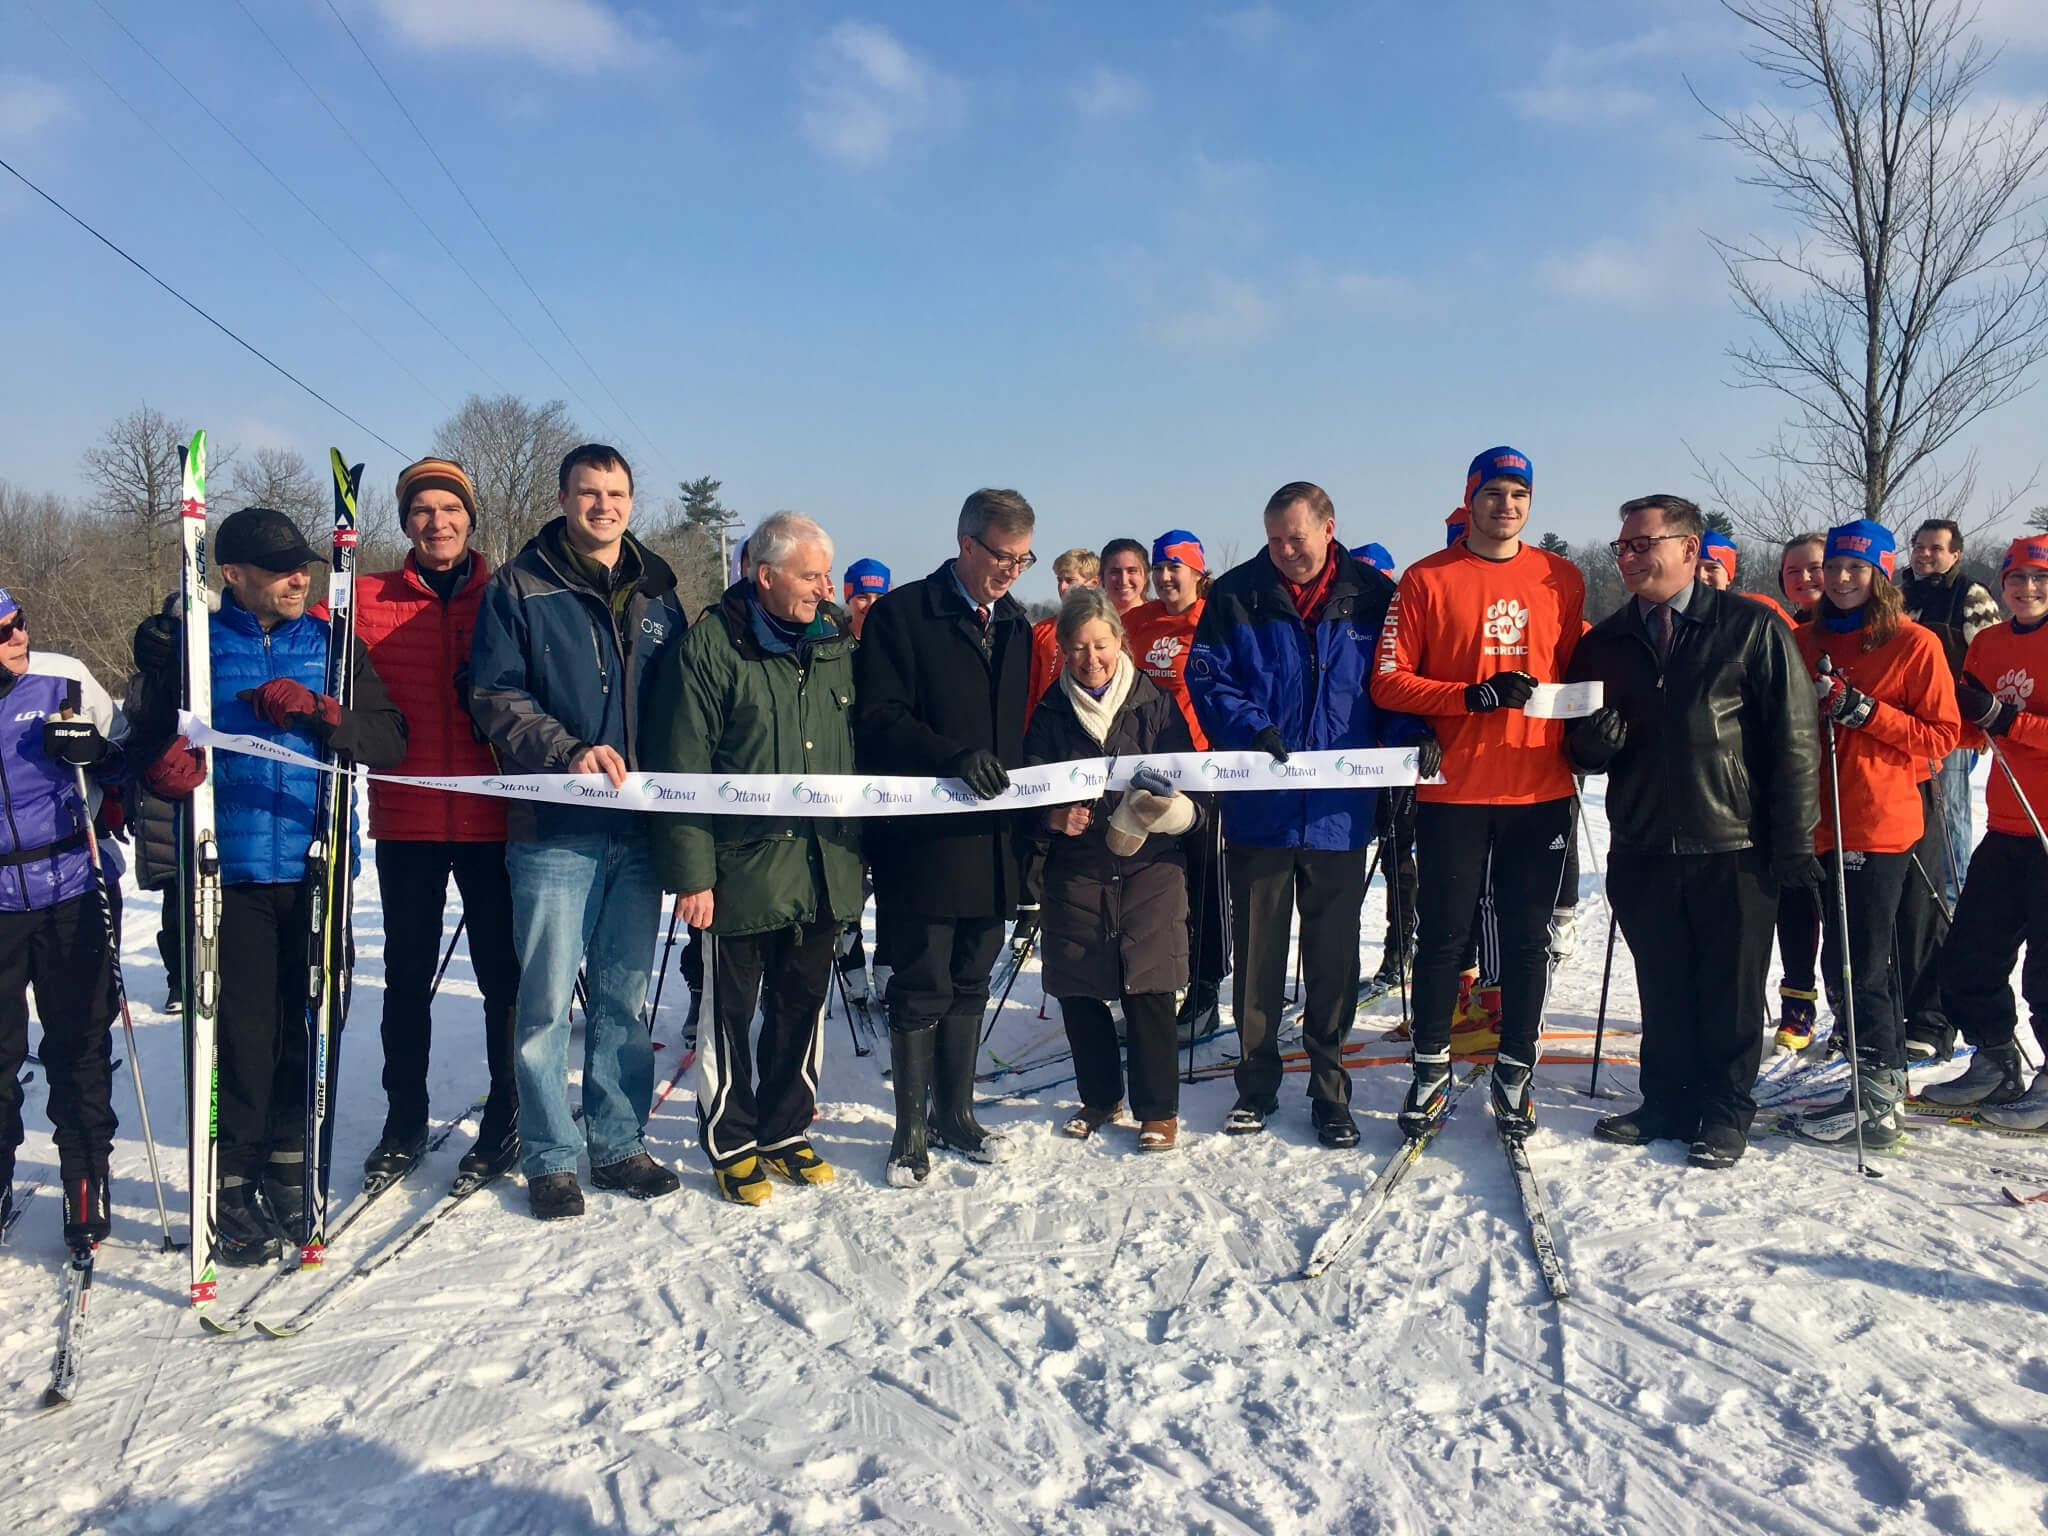 L'ouverture du sentier d'hiver Ski Héritage Est en janvier 2018.